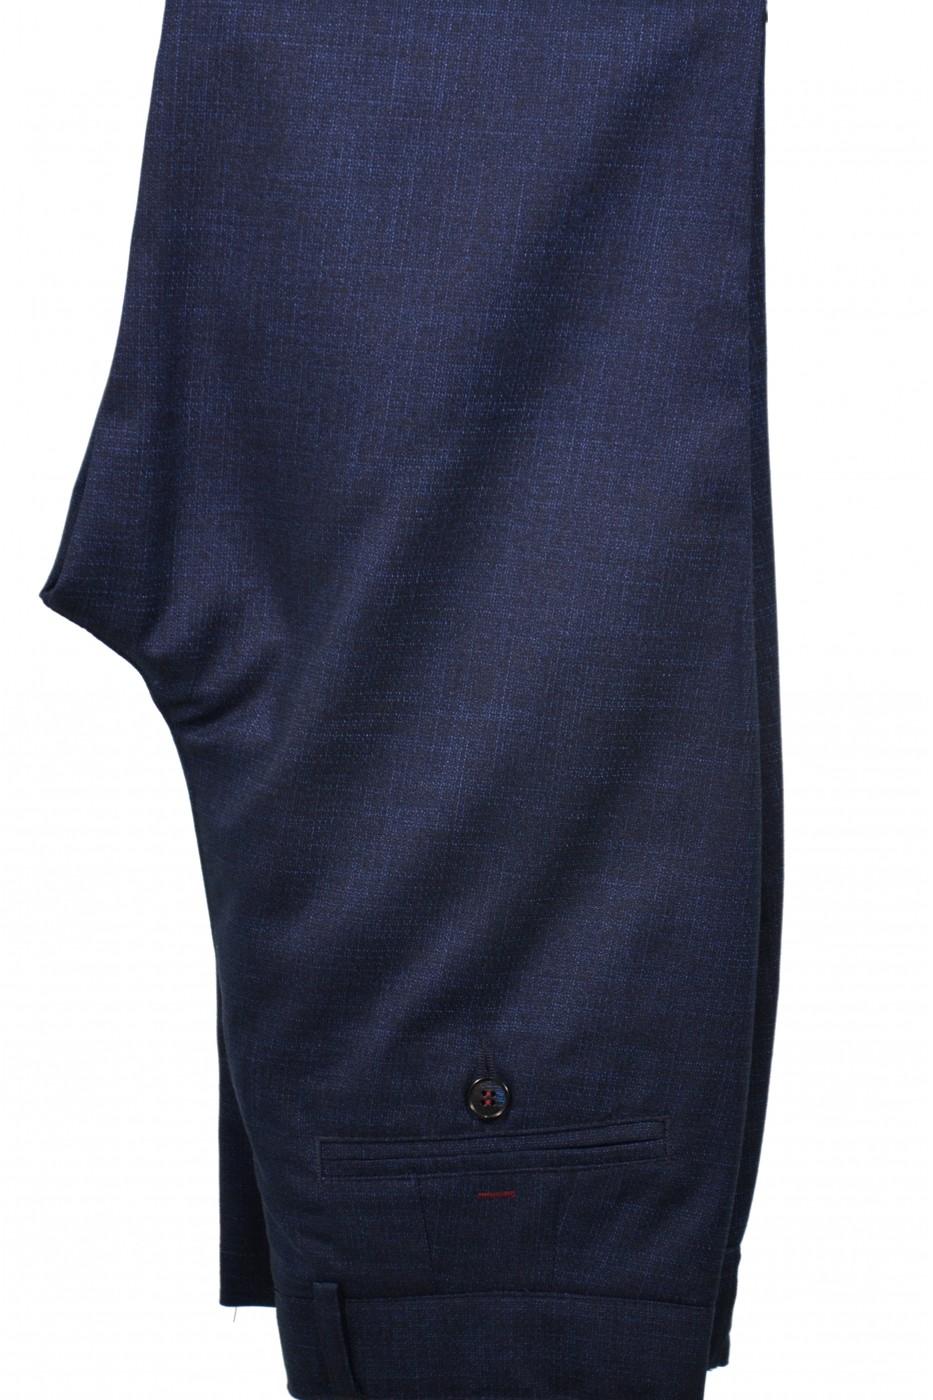 Тёмно-синие школьные брюки детские - Д 2004Б (MINOR)